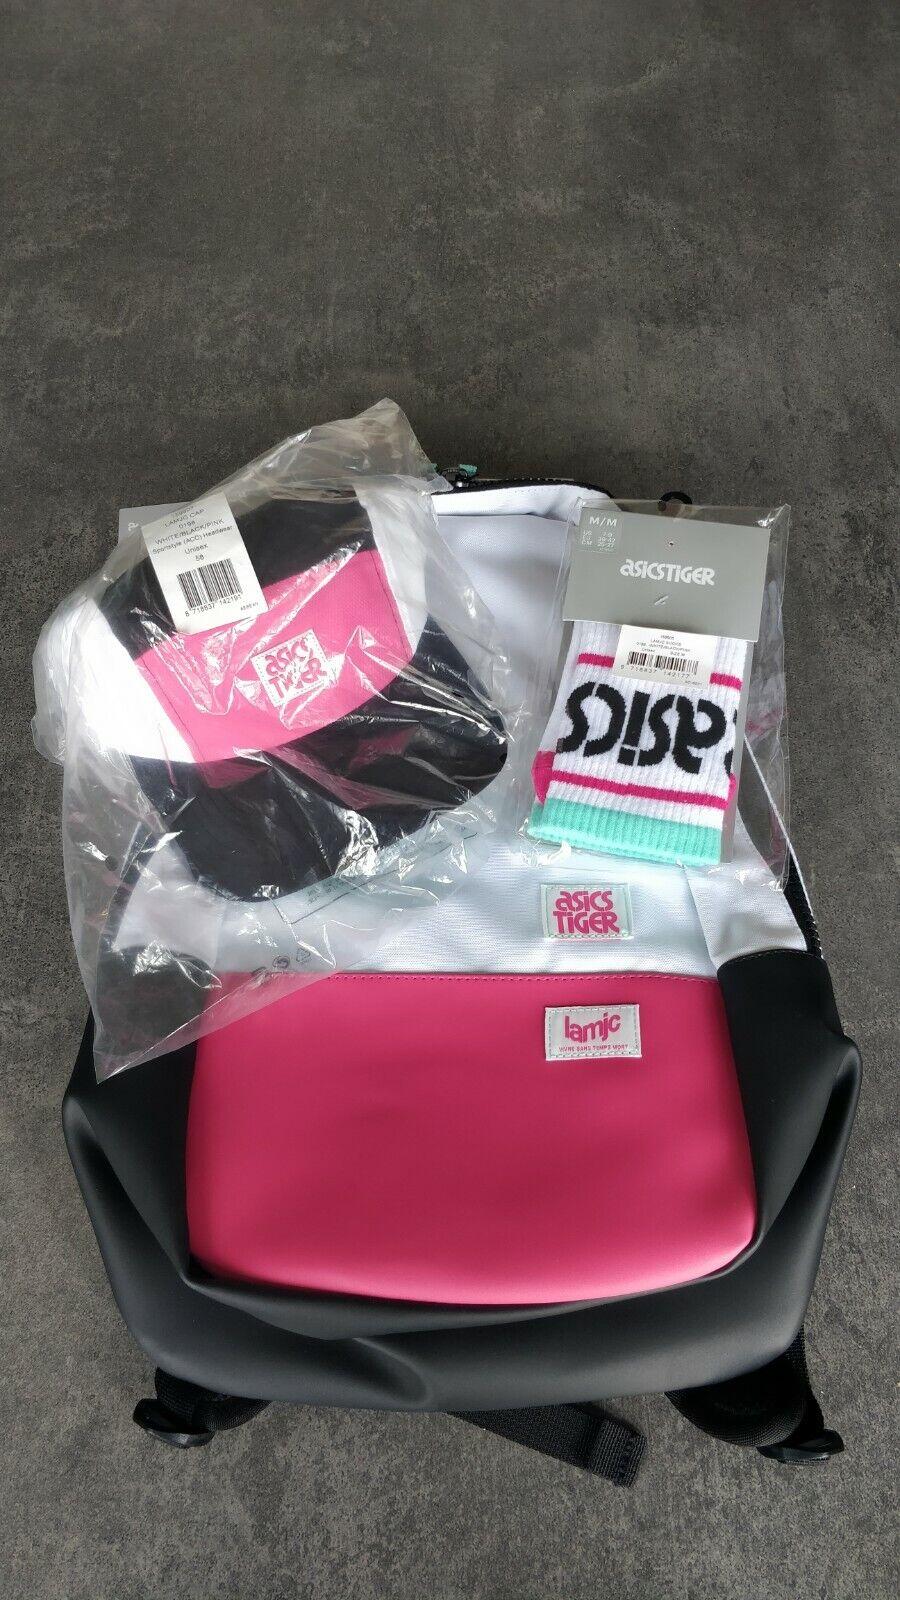 ASICS x Colette + La MJC Sold Out Pack. Backpack, Socks & Cap.